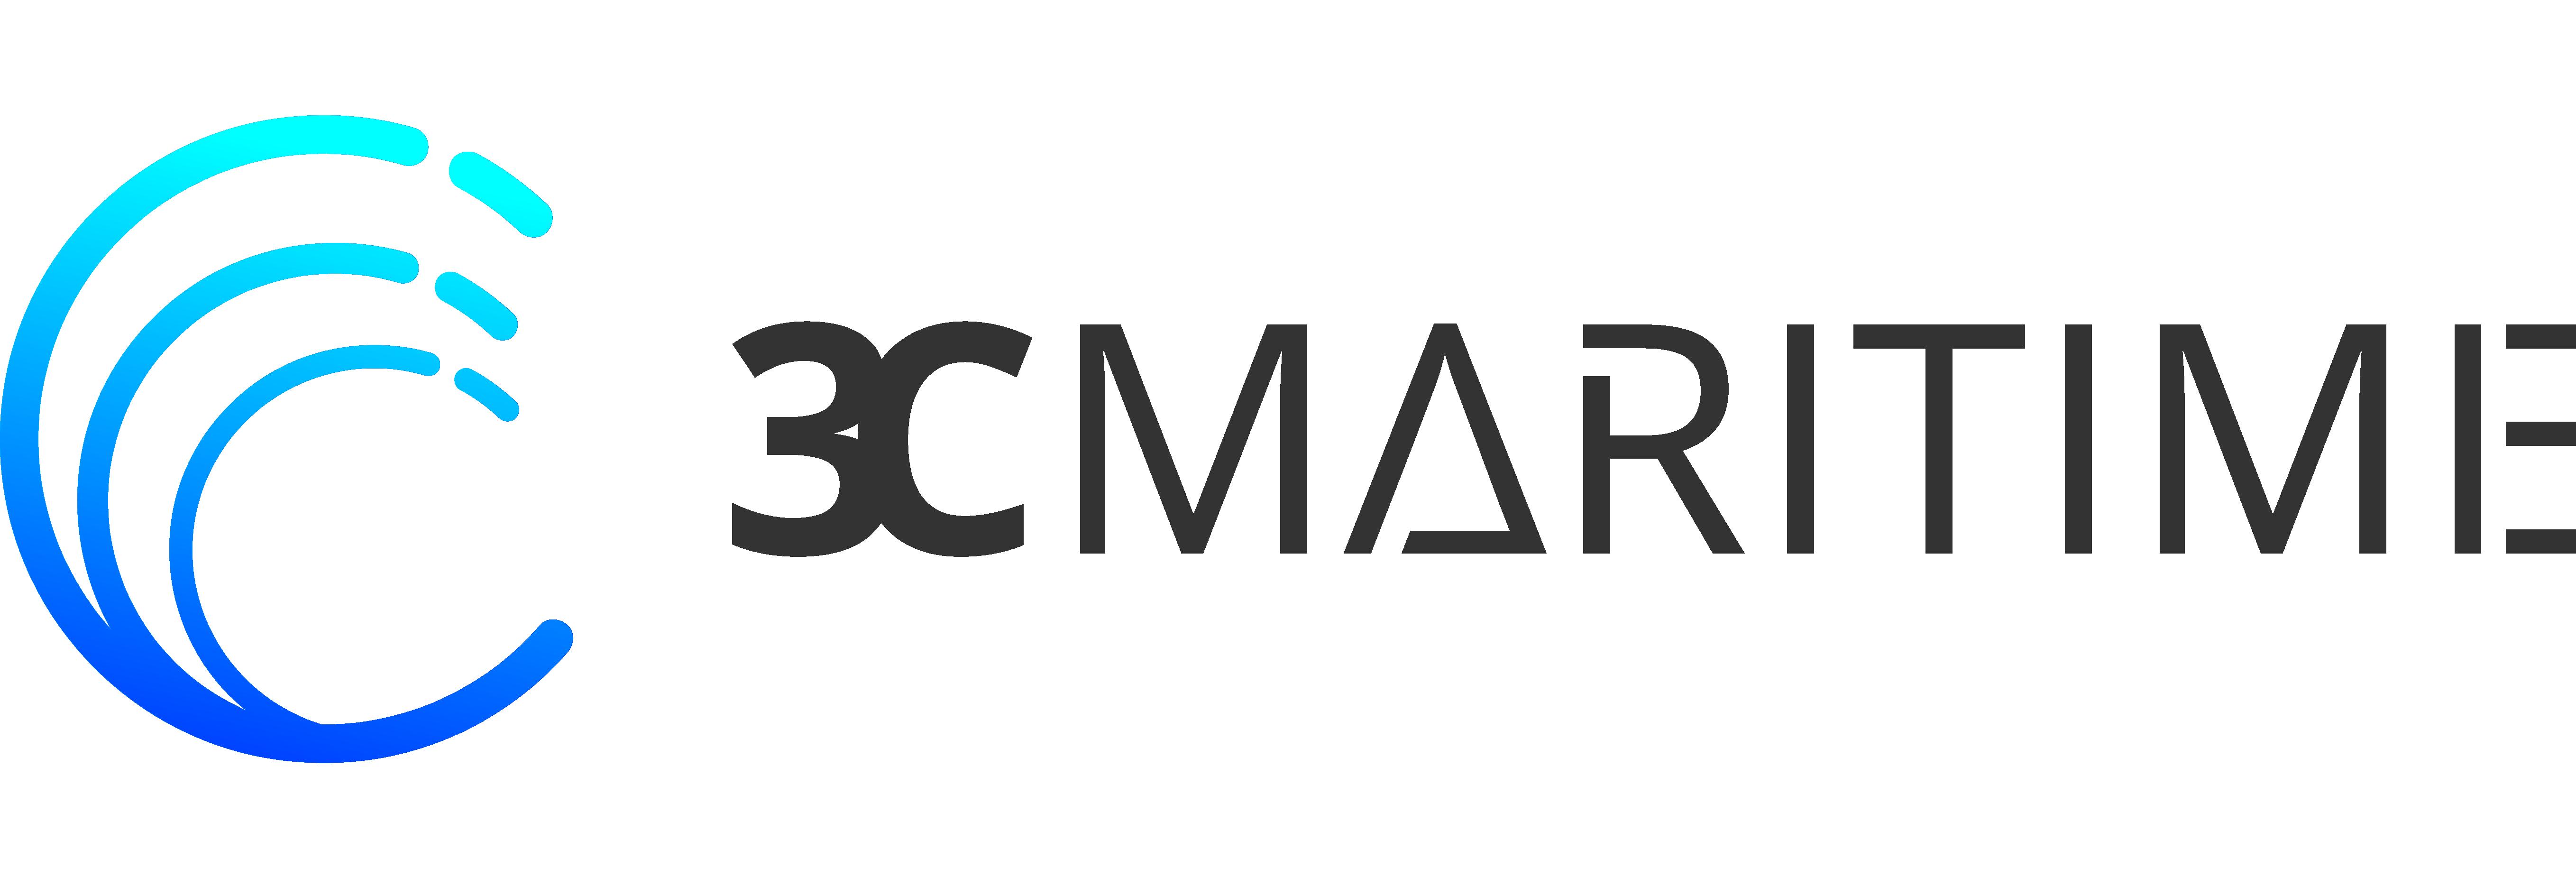 3C Maritime